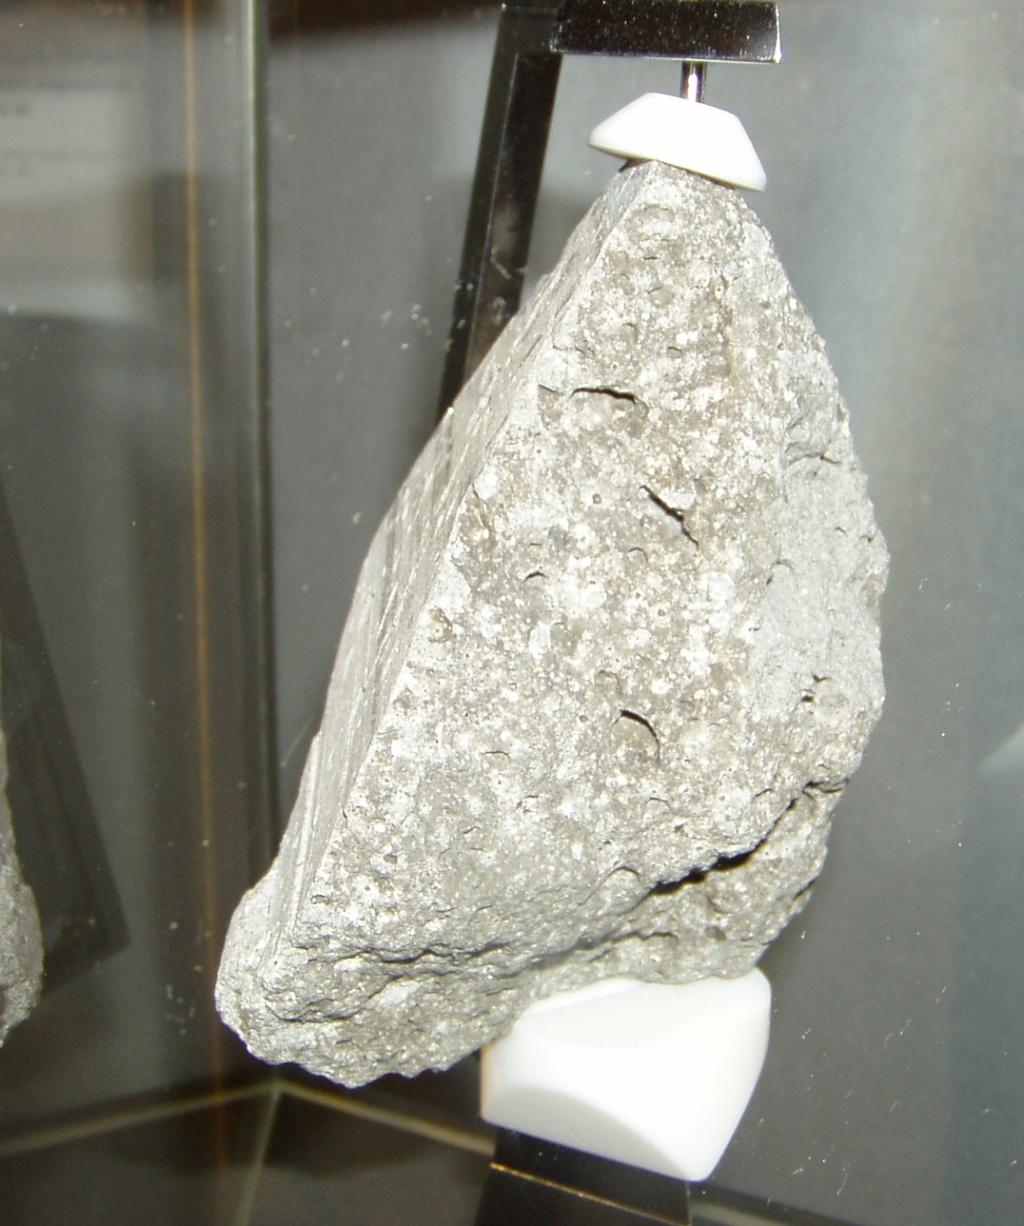 Kuu pealt pärinev kivi Berliini teholoogia muuseumis. Foto Virgo Kruve